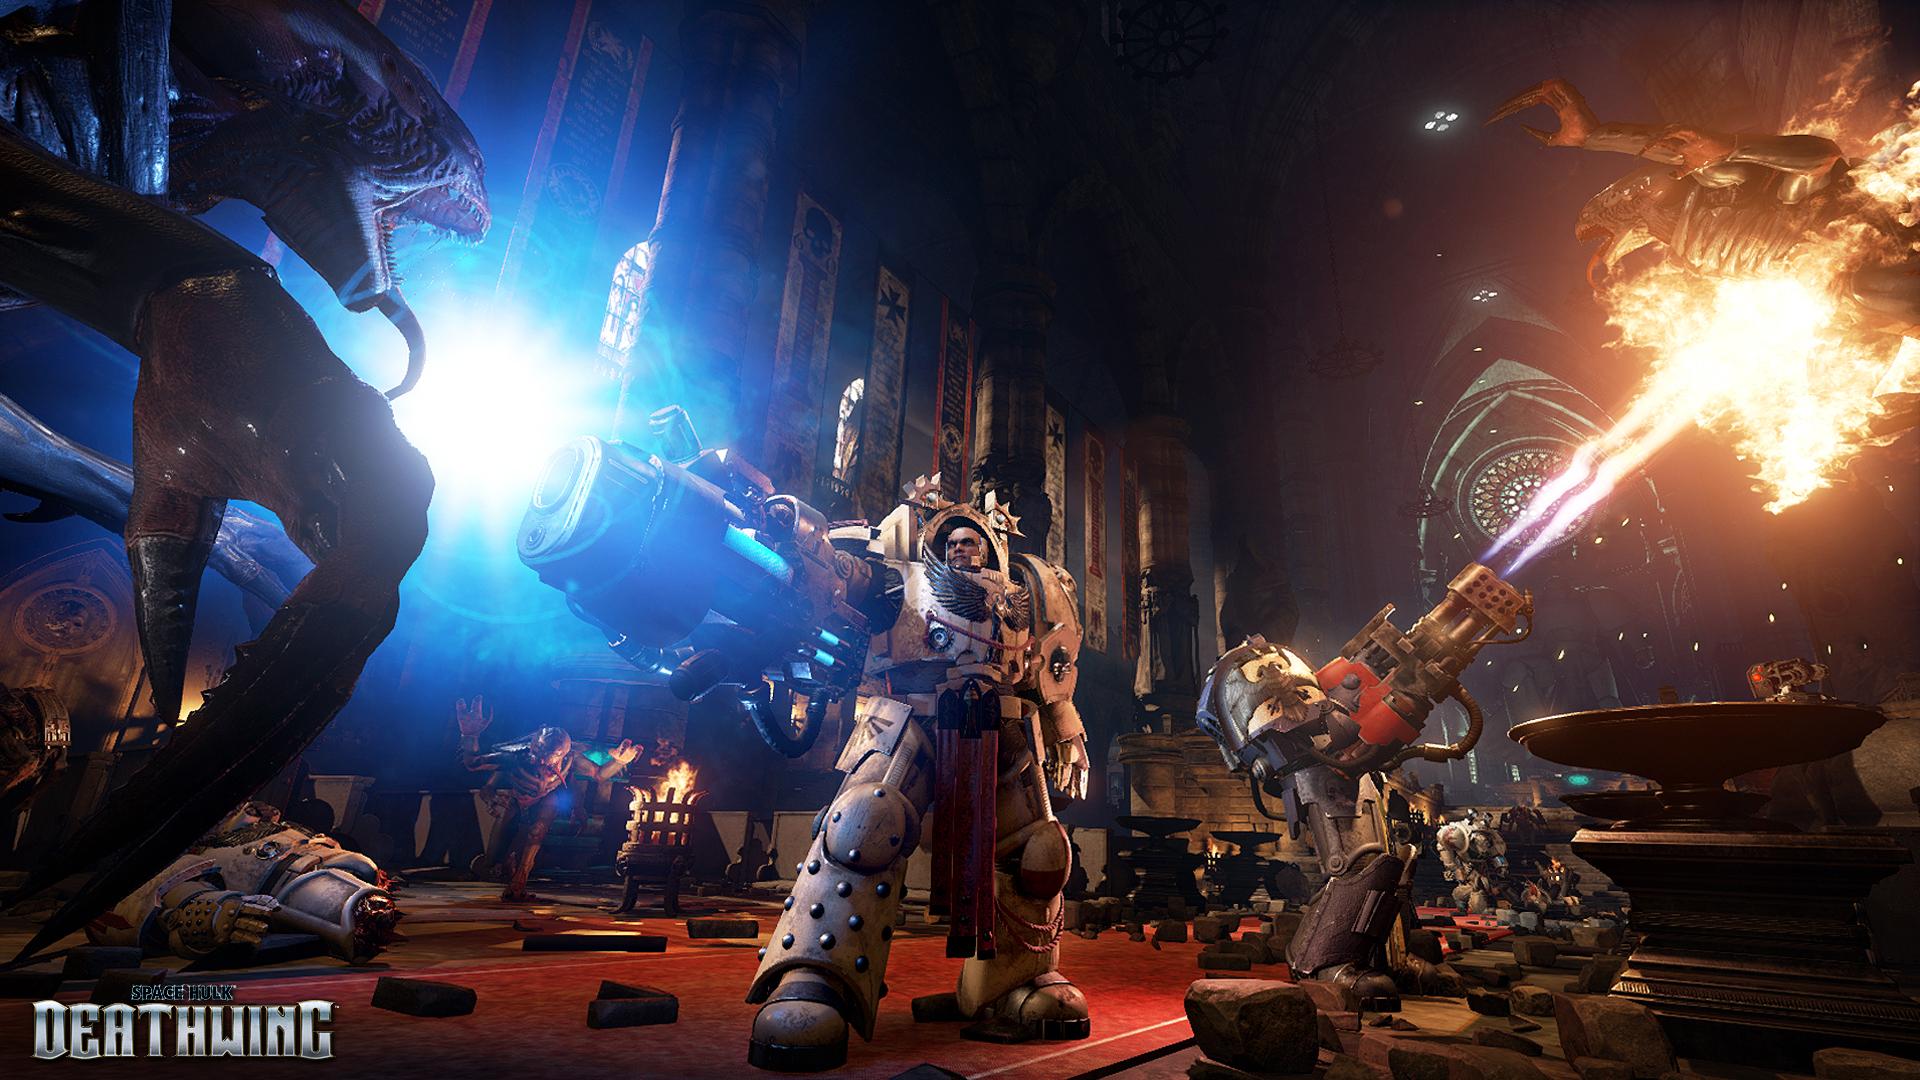 Obrázky ze Space Hulk: Deathwing a Battlefleet Gothic: Armada 109770